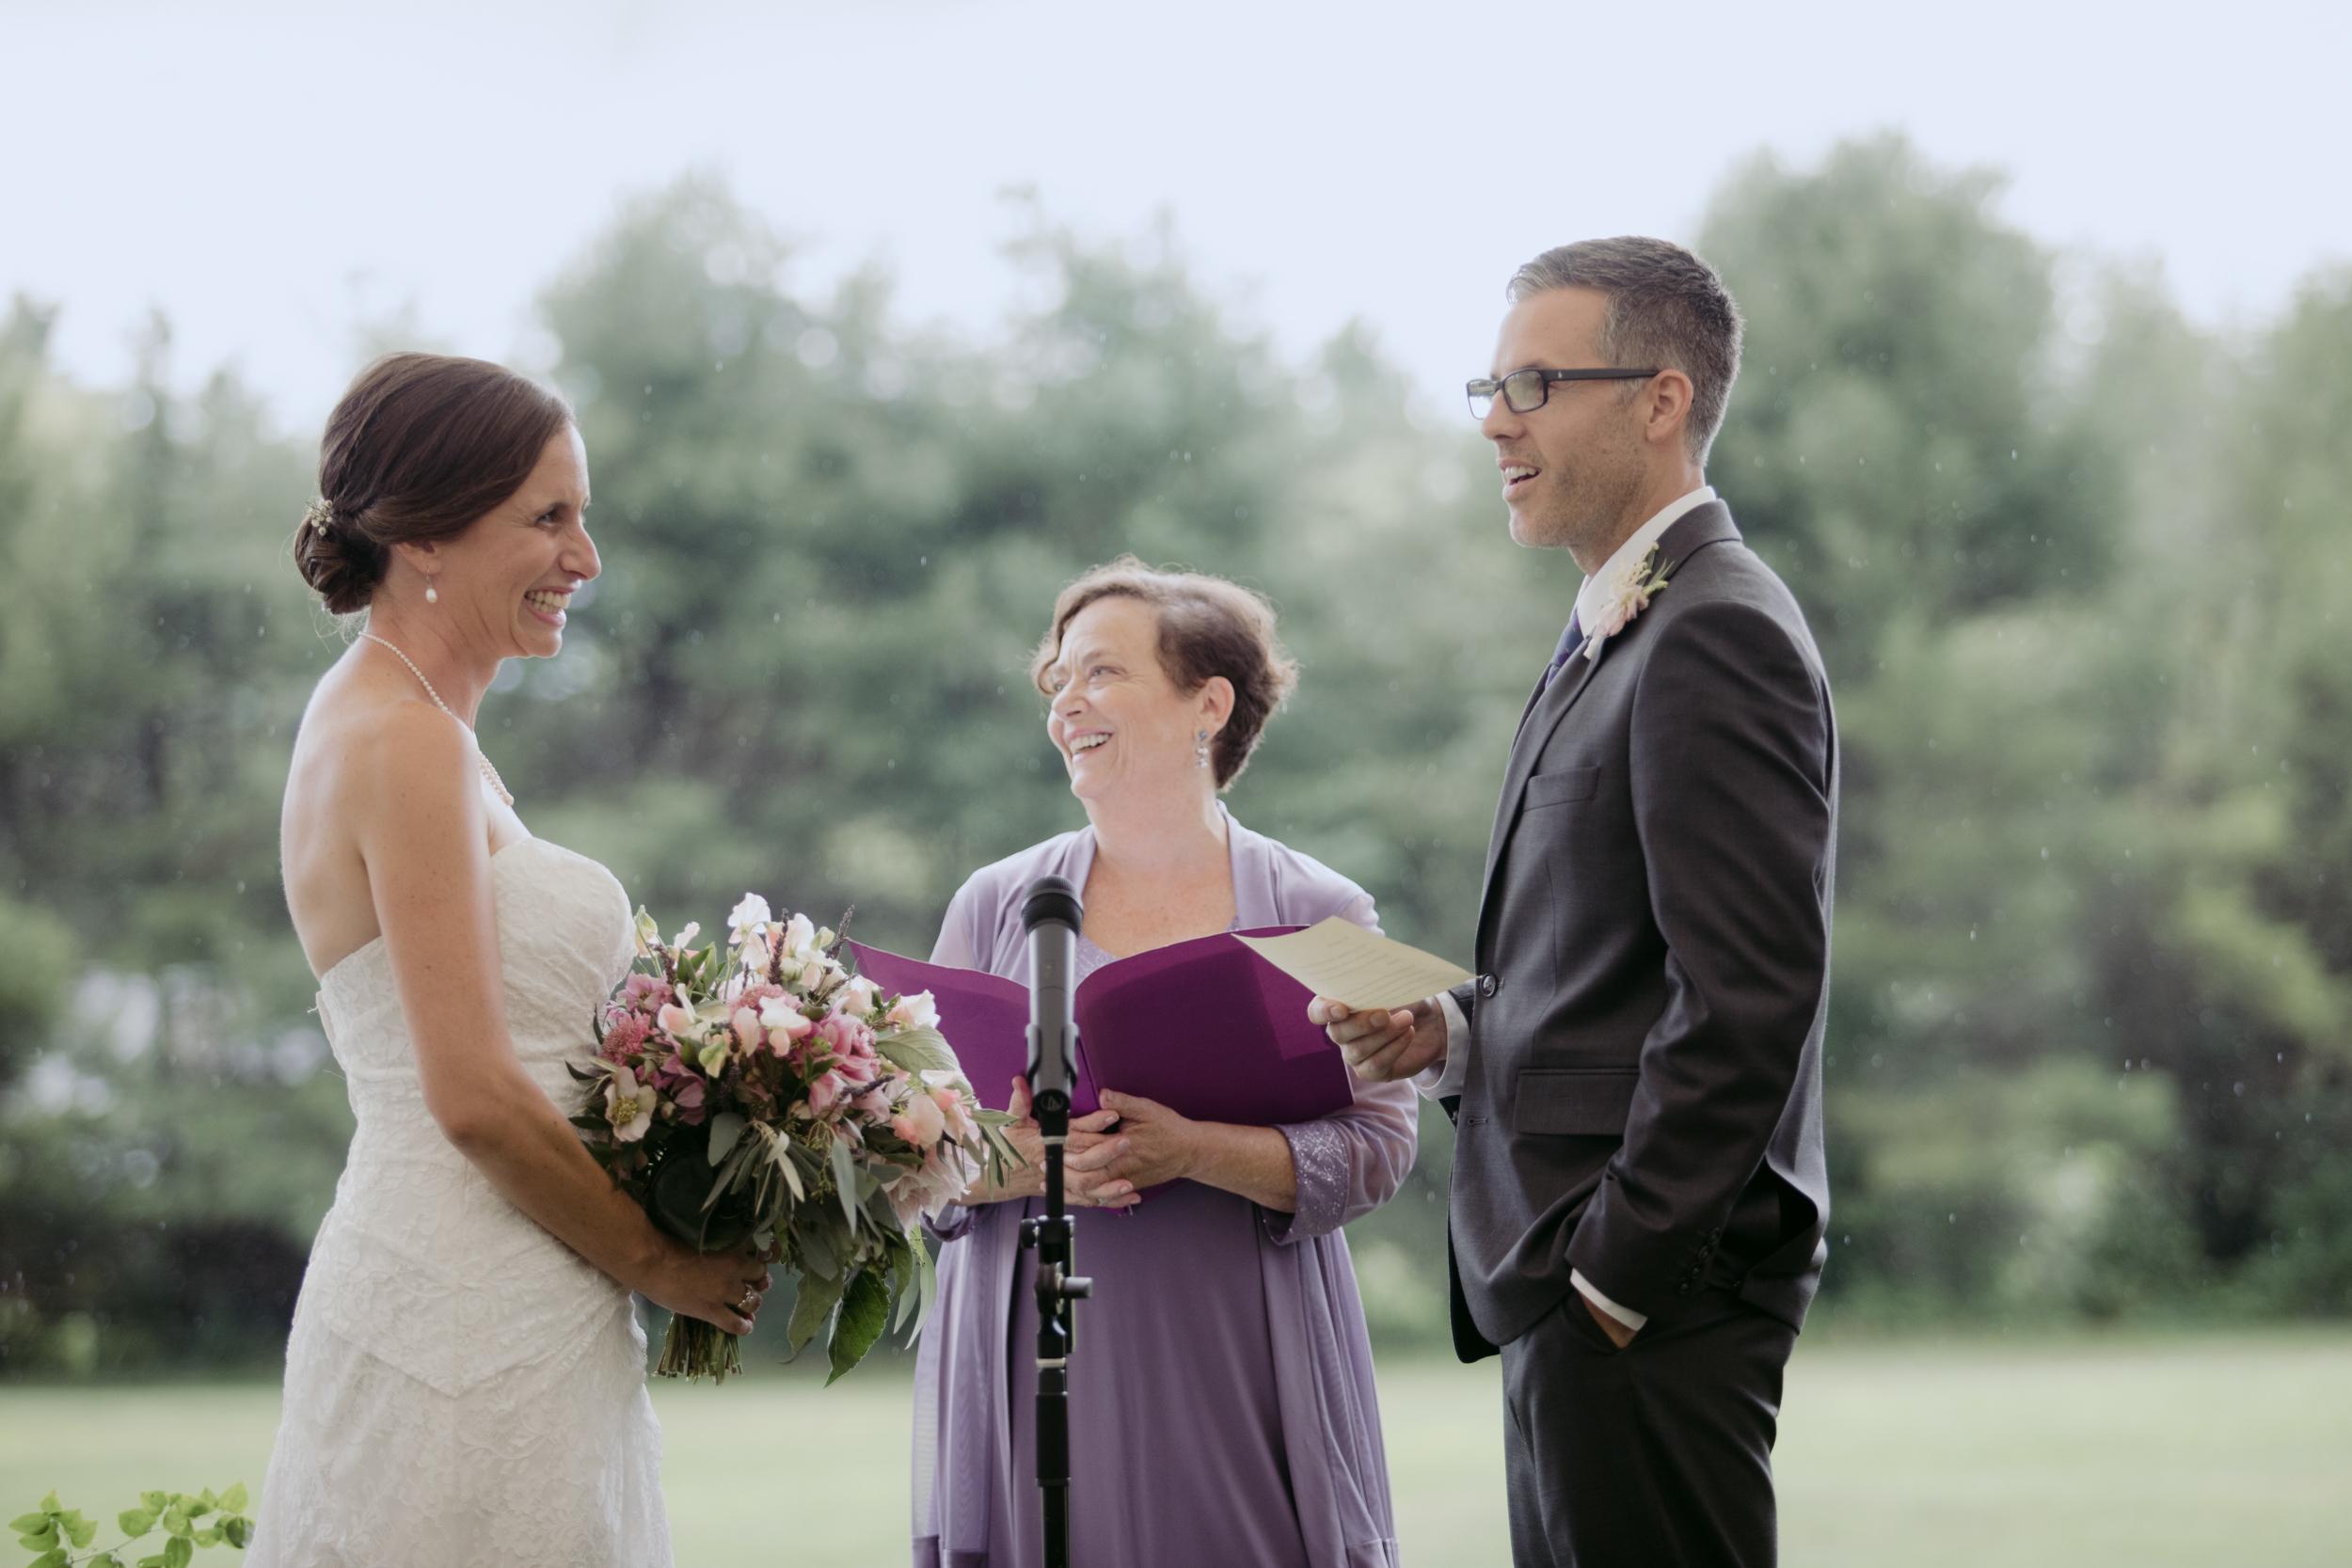 william_allen_farm_pownal_wedding_maine_michelleben-14.jpg